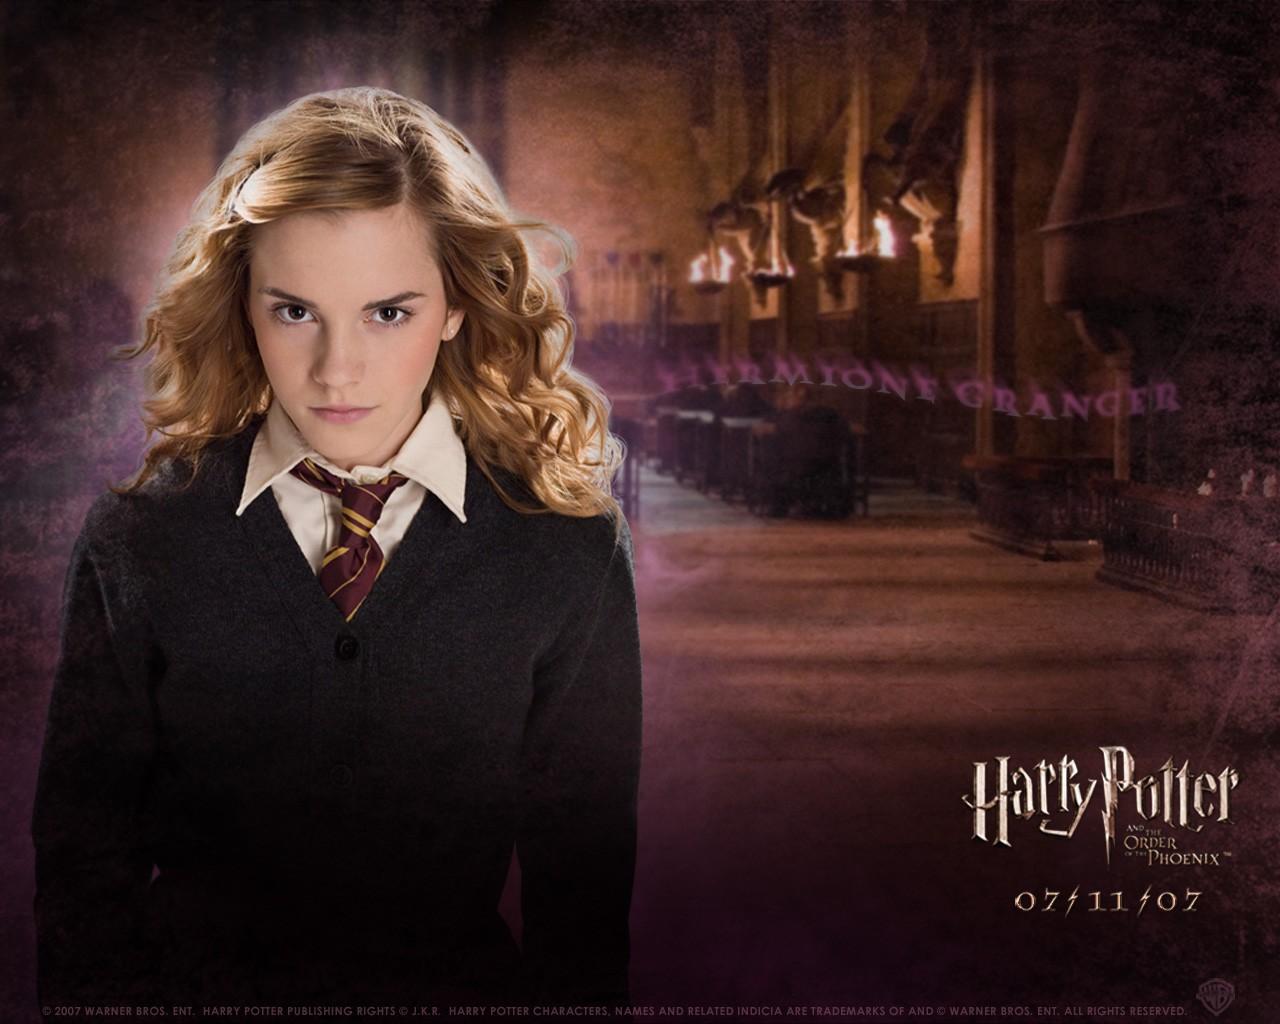 Un wallpaper di Emma Watson per il film Harry Potter e l'Ordine della Fenice